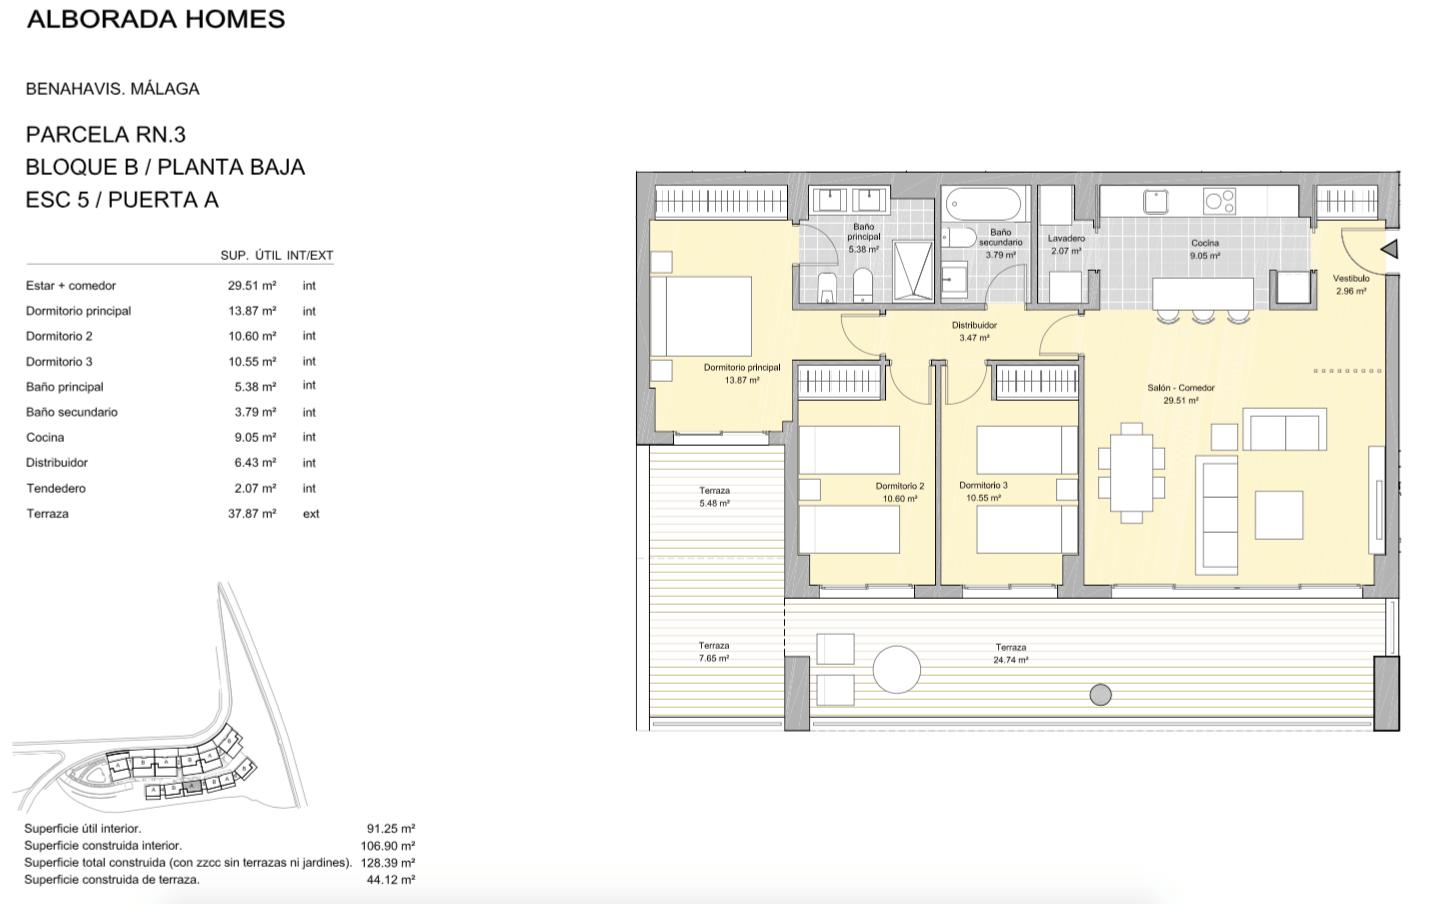 alborada homes benahavis golf la quinta moderne appartementen penthouses te koop grondplan RN3 50A gelijkvloers 3bed